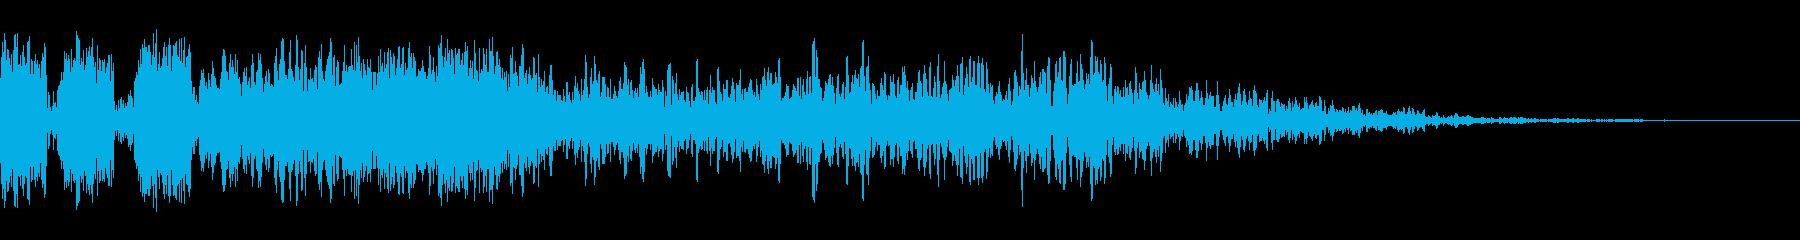 スパッターザップとテールダウンの再生済みの波形